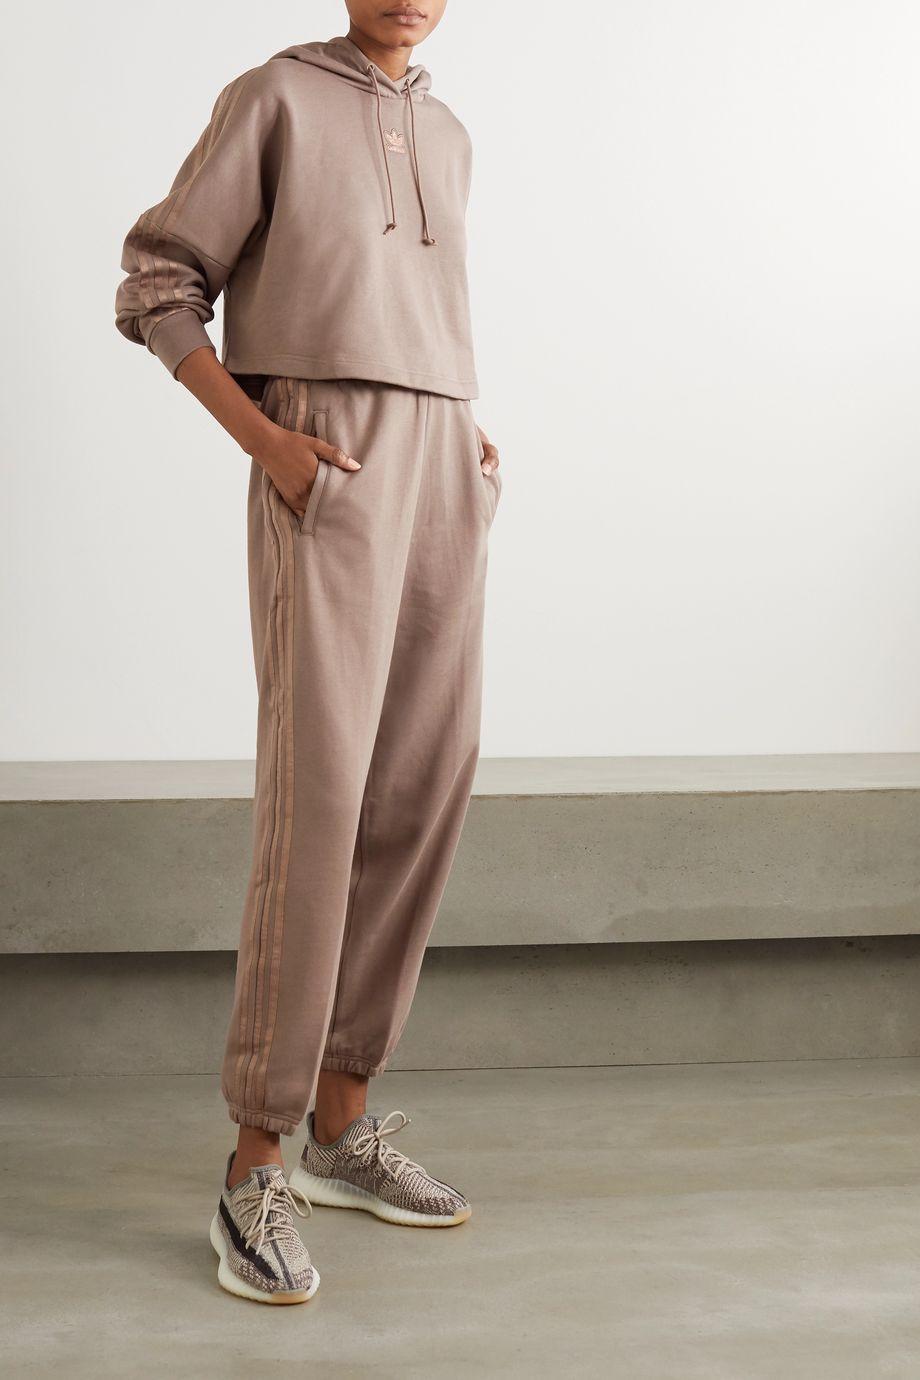 adidas Originals Jogginghose aus Baumwollfrottee mit Metallic-Streifen